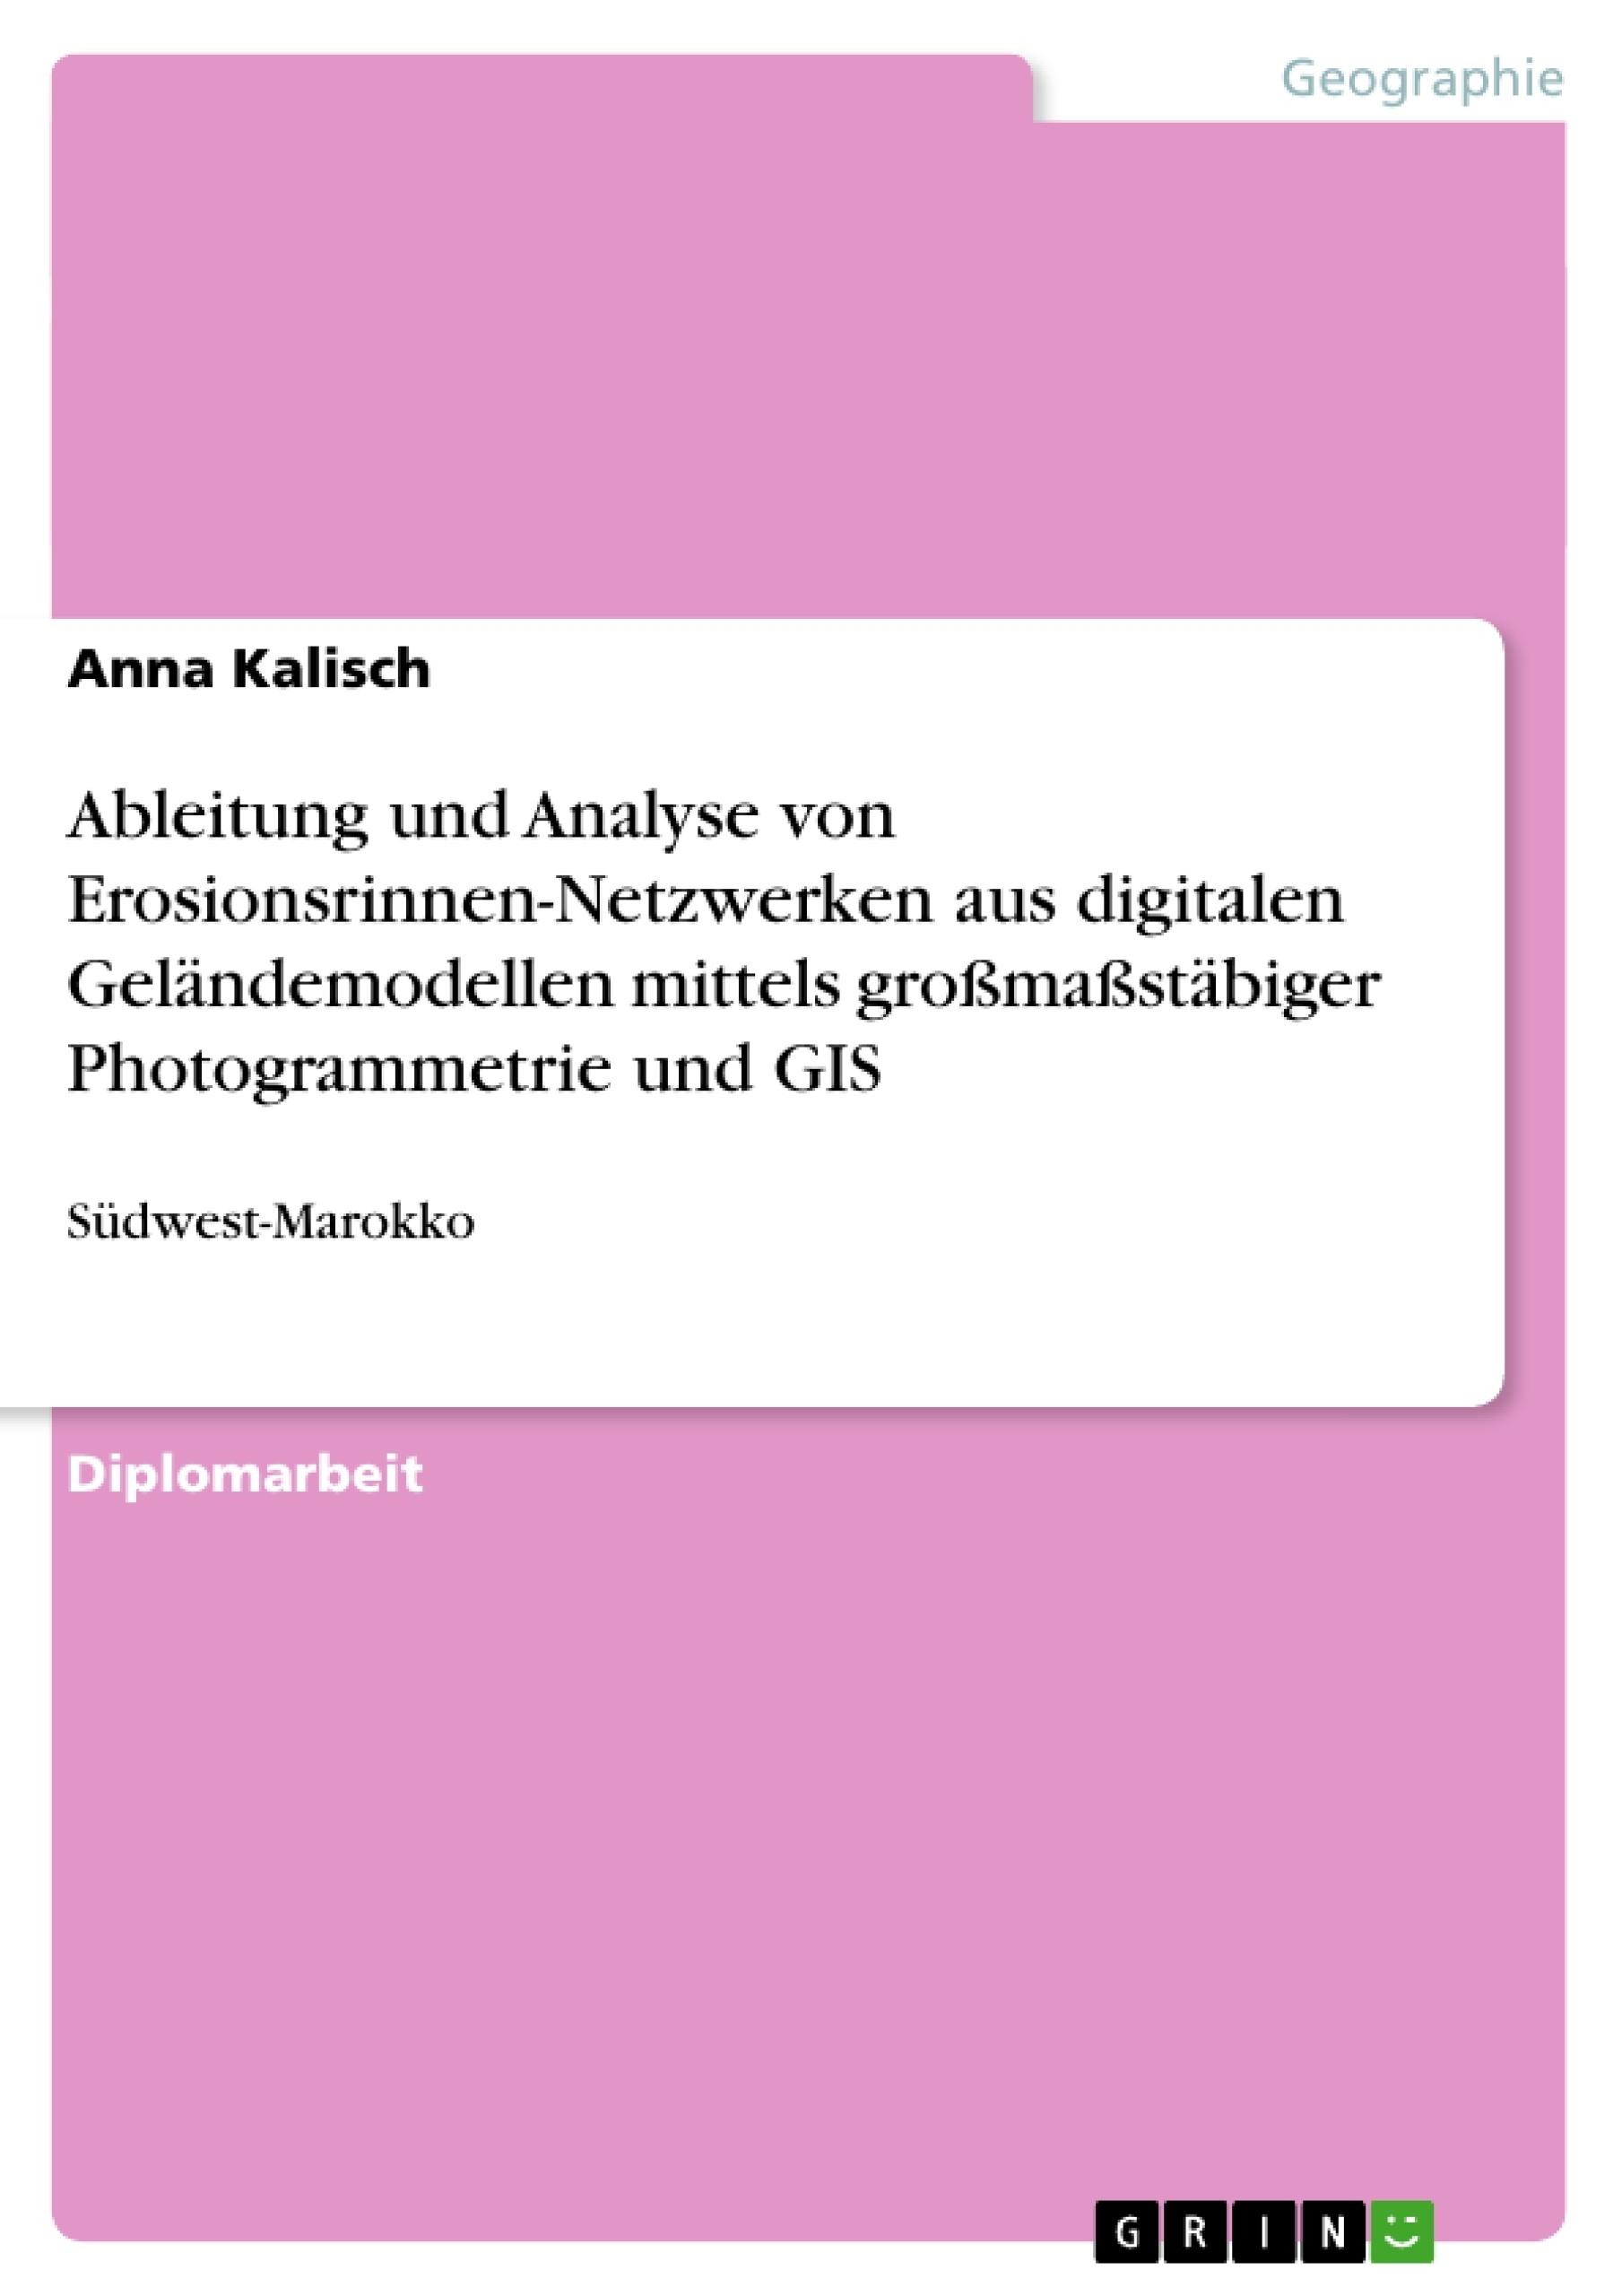 Titel: Ableitung und Analyse von Erosionsrinnen-Netzwerken aus digitalen Geländemodellen mittels großmaßstäbiger Photogrammetrie und GIS